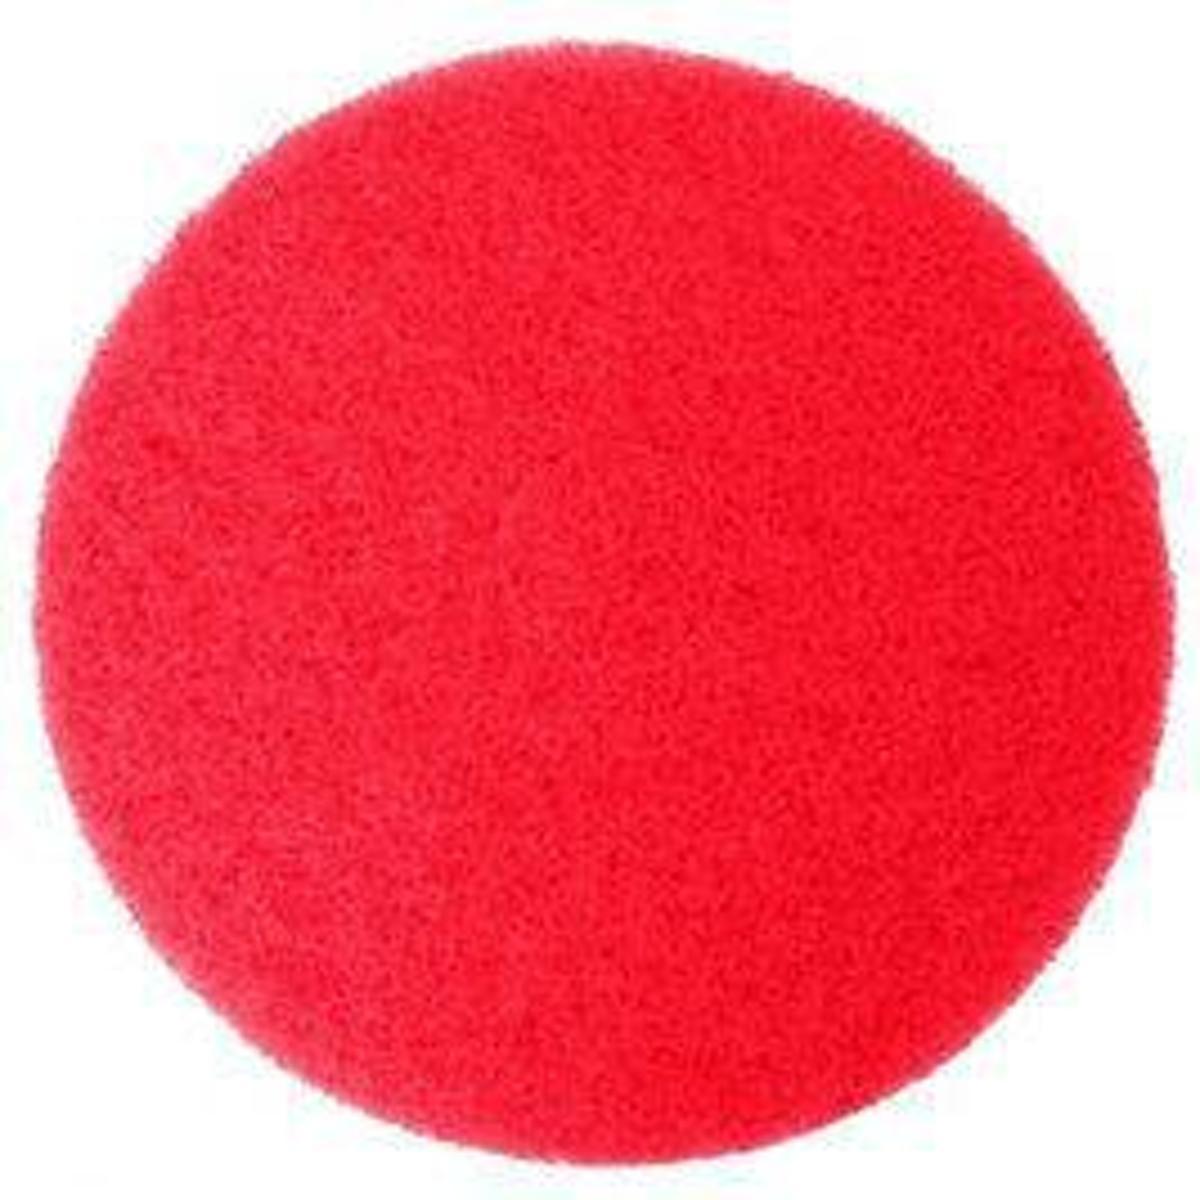 Boenpad 5 inch rood | 2 stuks (100392)